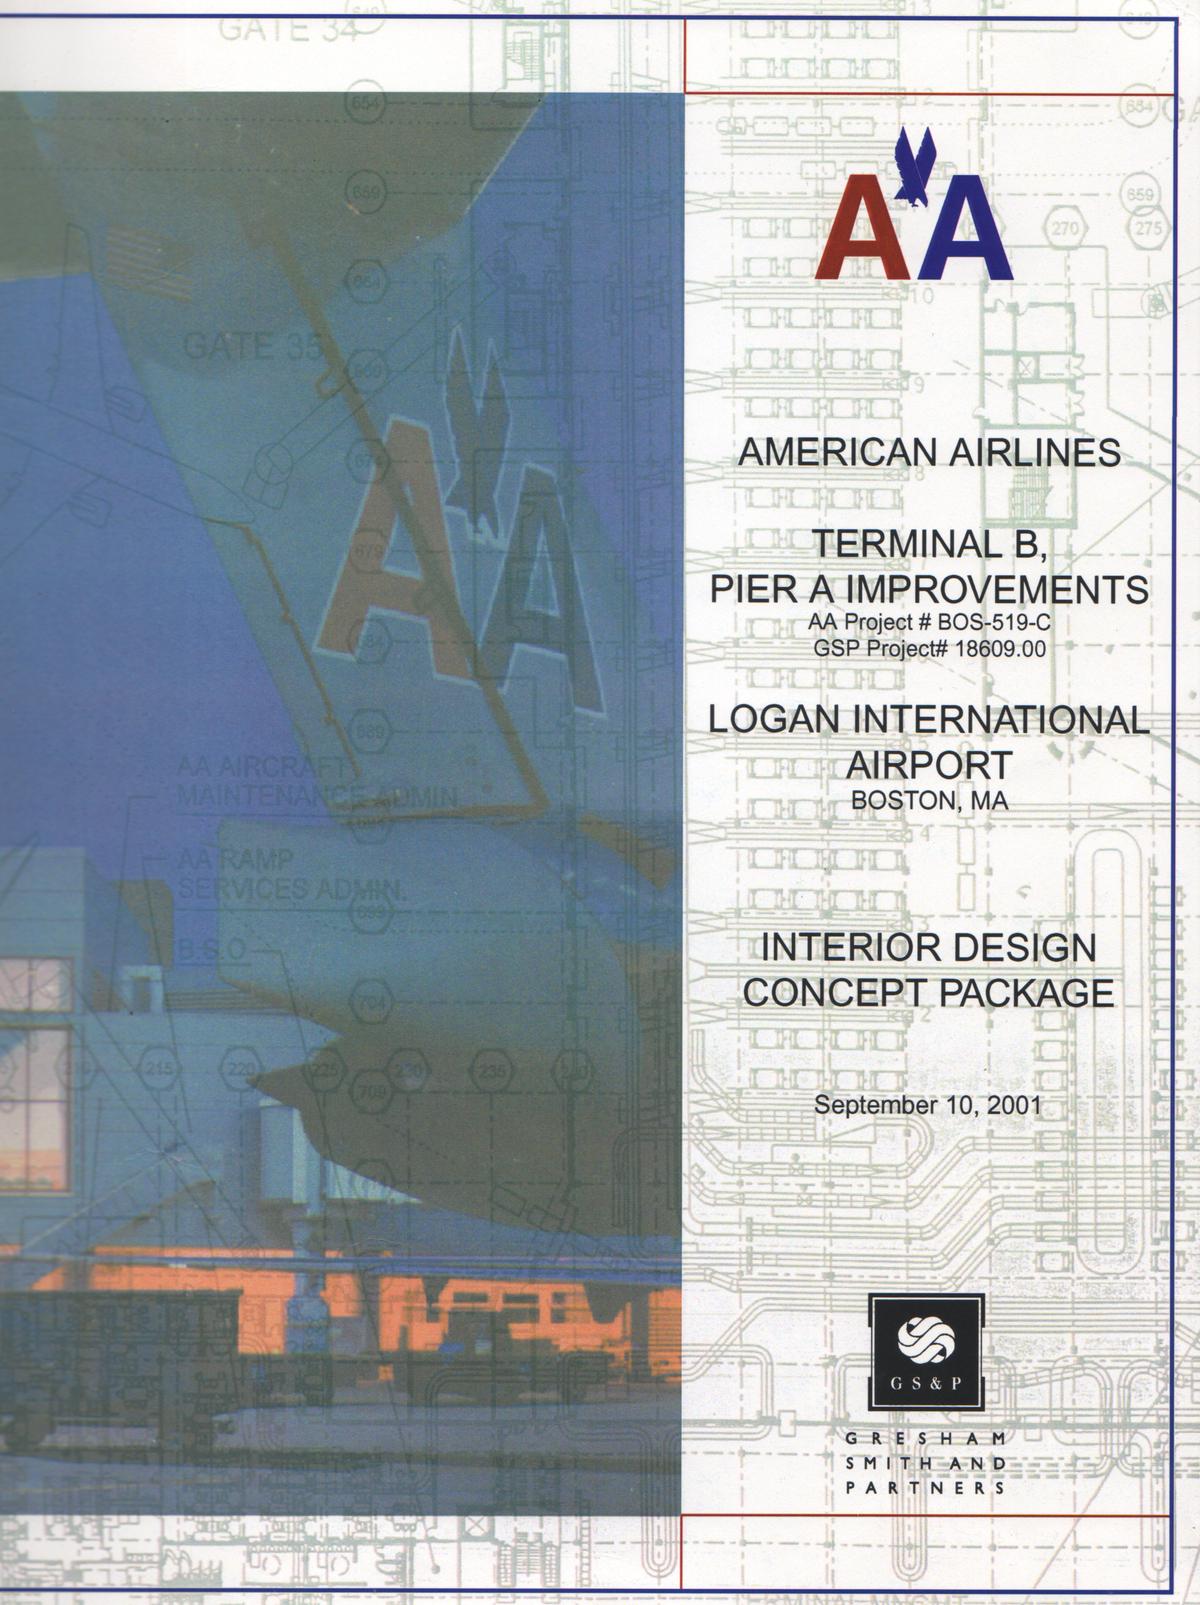 Front cover of Design Presentation brochure